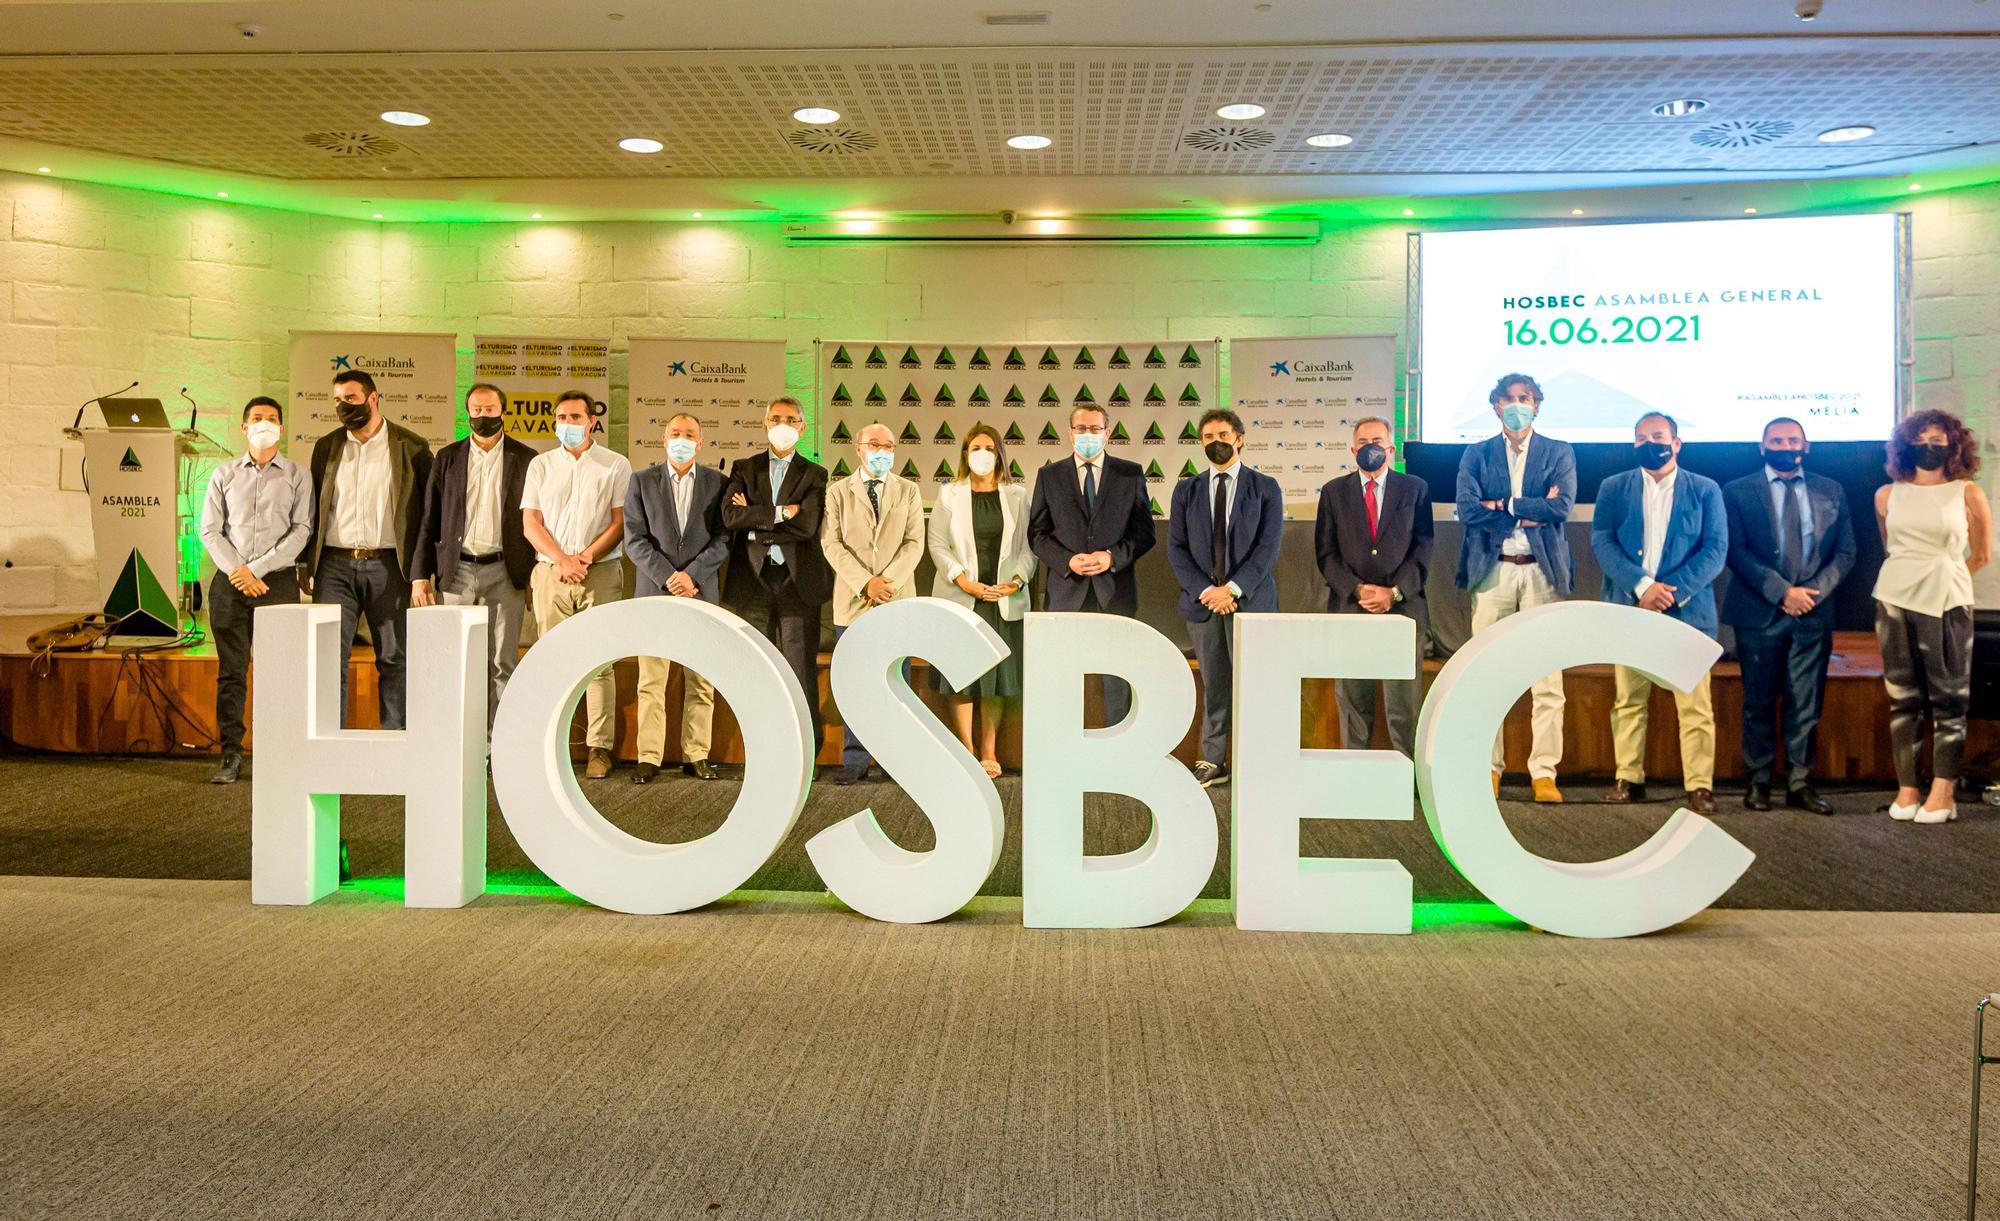 Hosbec confía en que el turismo vuelva a ser rentable a partir de 2022